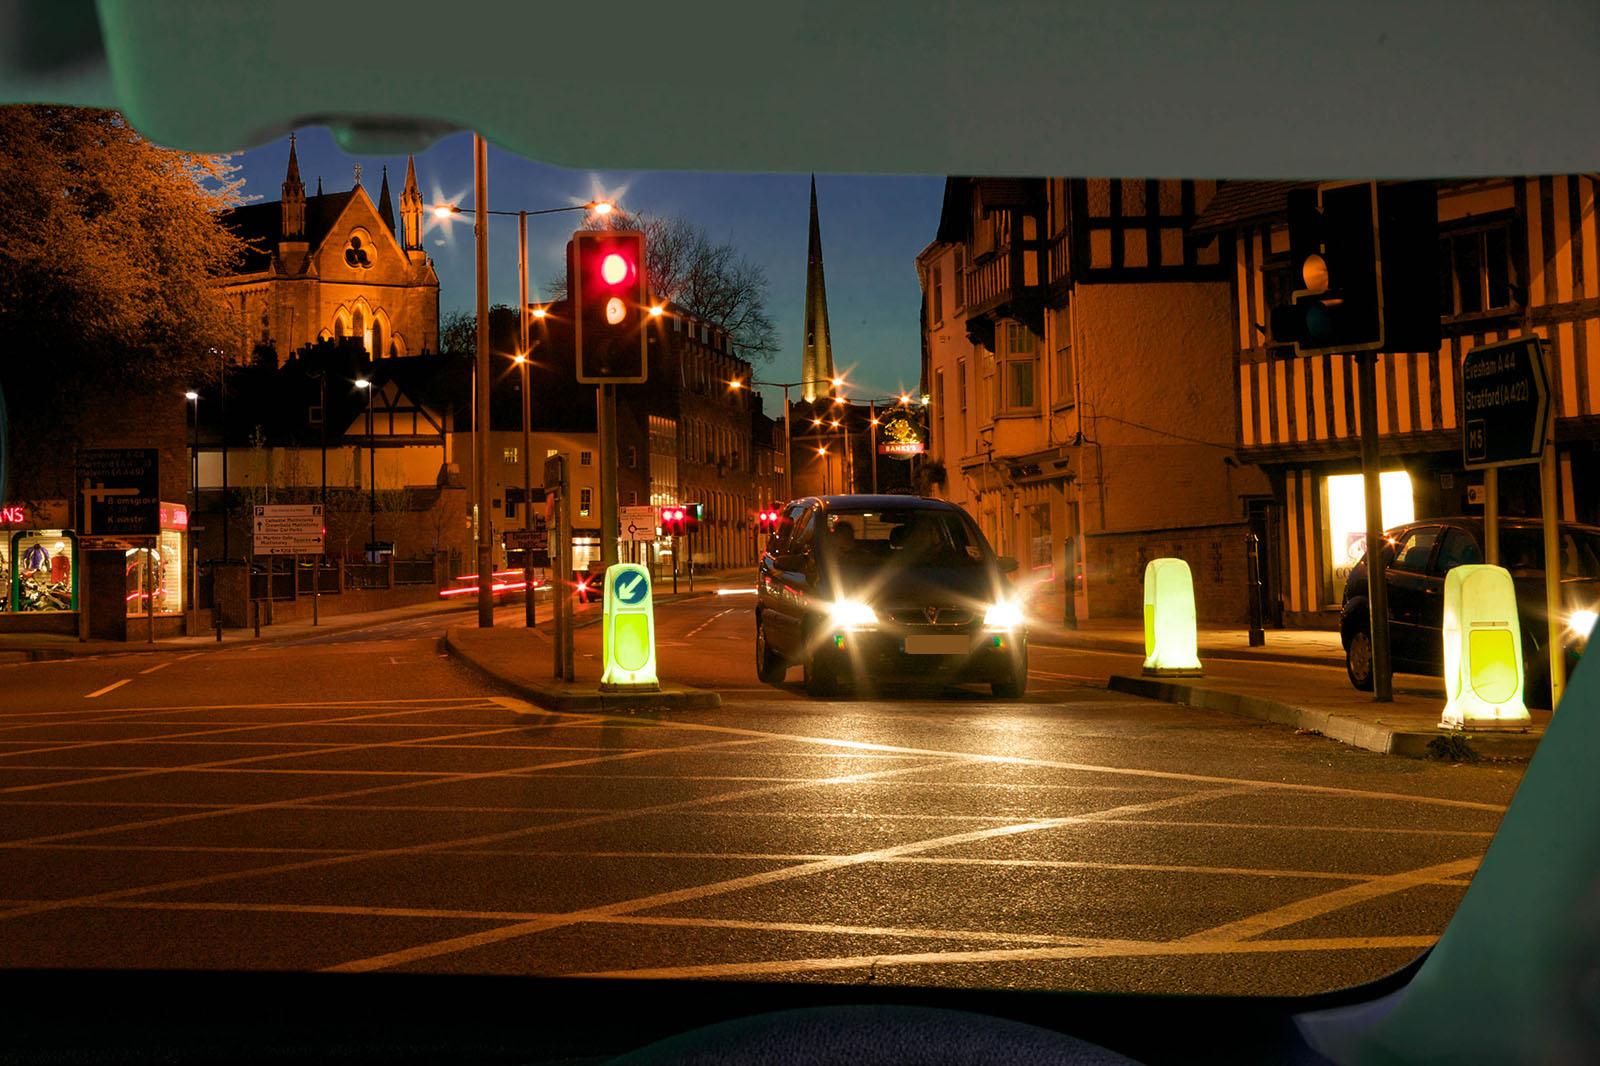 Интеллектуальные светофоры, которые снижают перегрузку, будут развернуты в следующем году